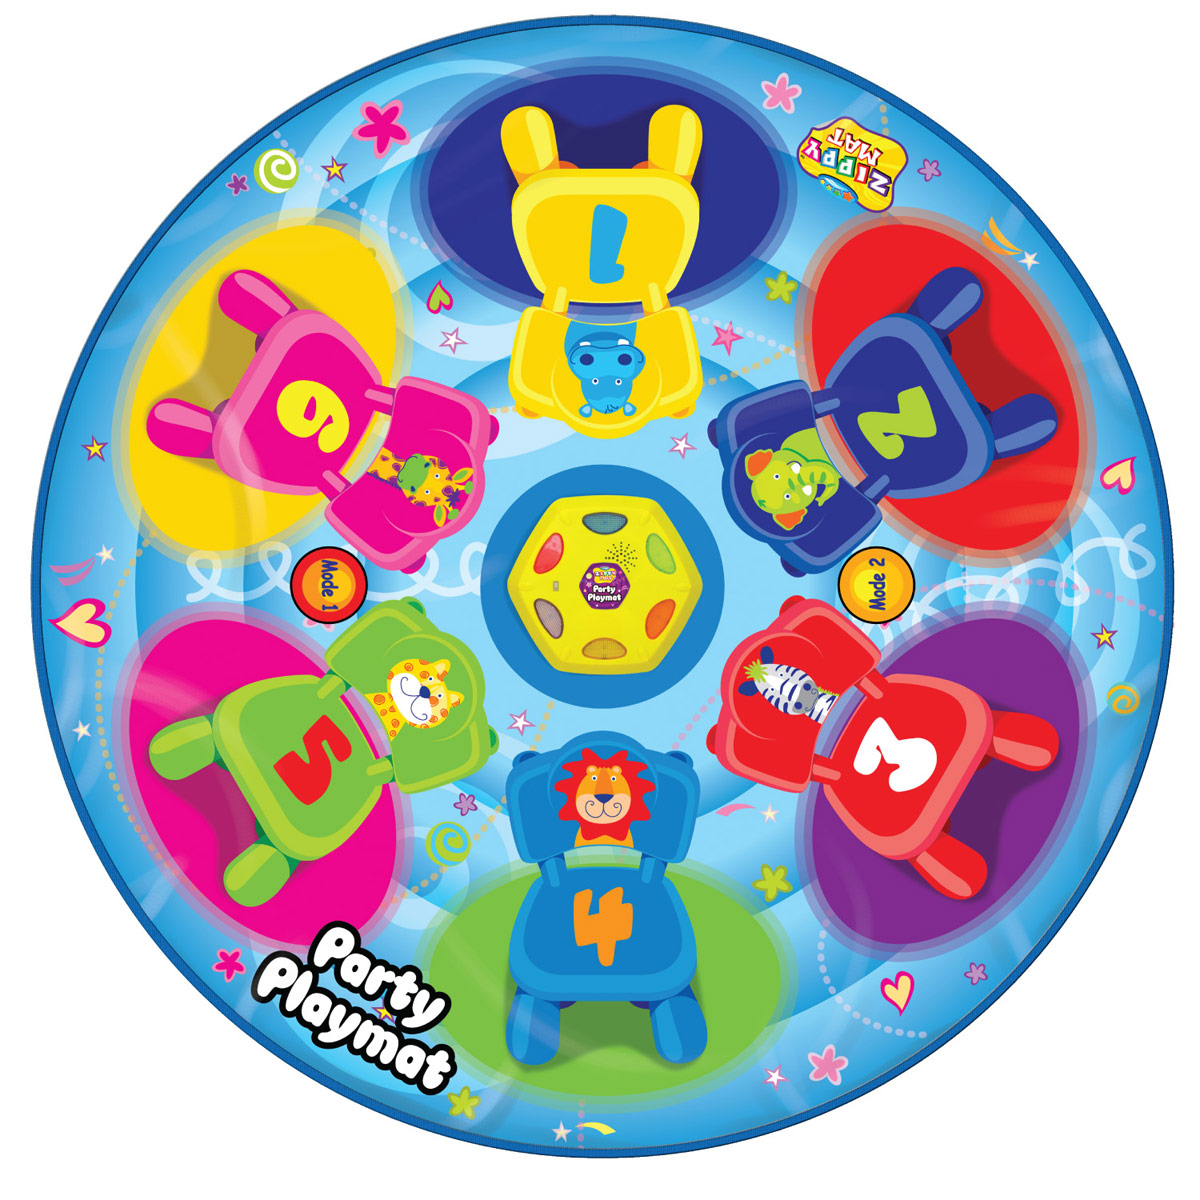 Ami&Co Игровой коврик музыкальный Вечеринка для друзей - Интерактивные игрушки